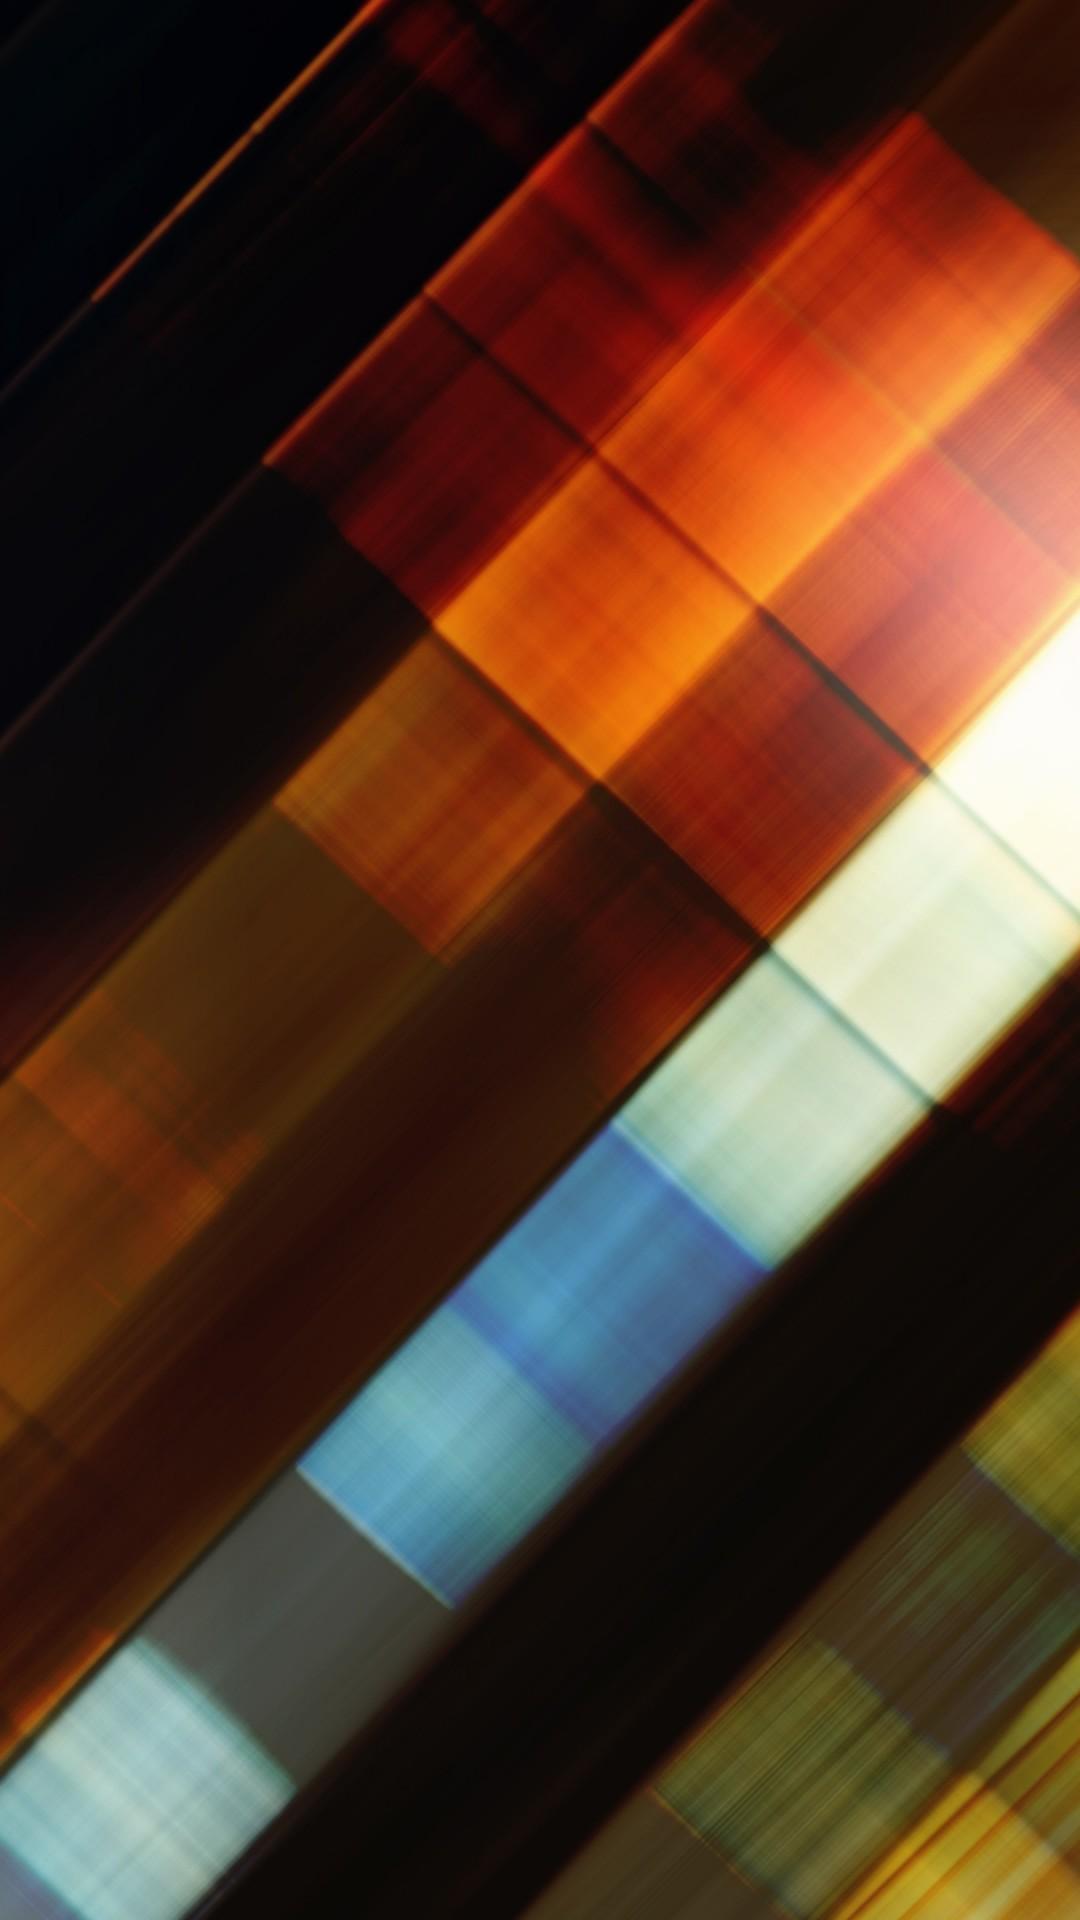 Wallpaper Abstract Texture Digital Art Lights 4k